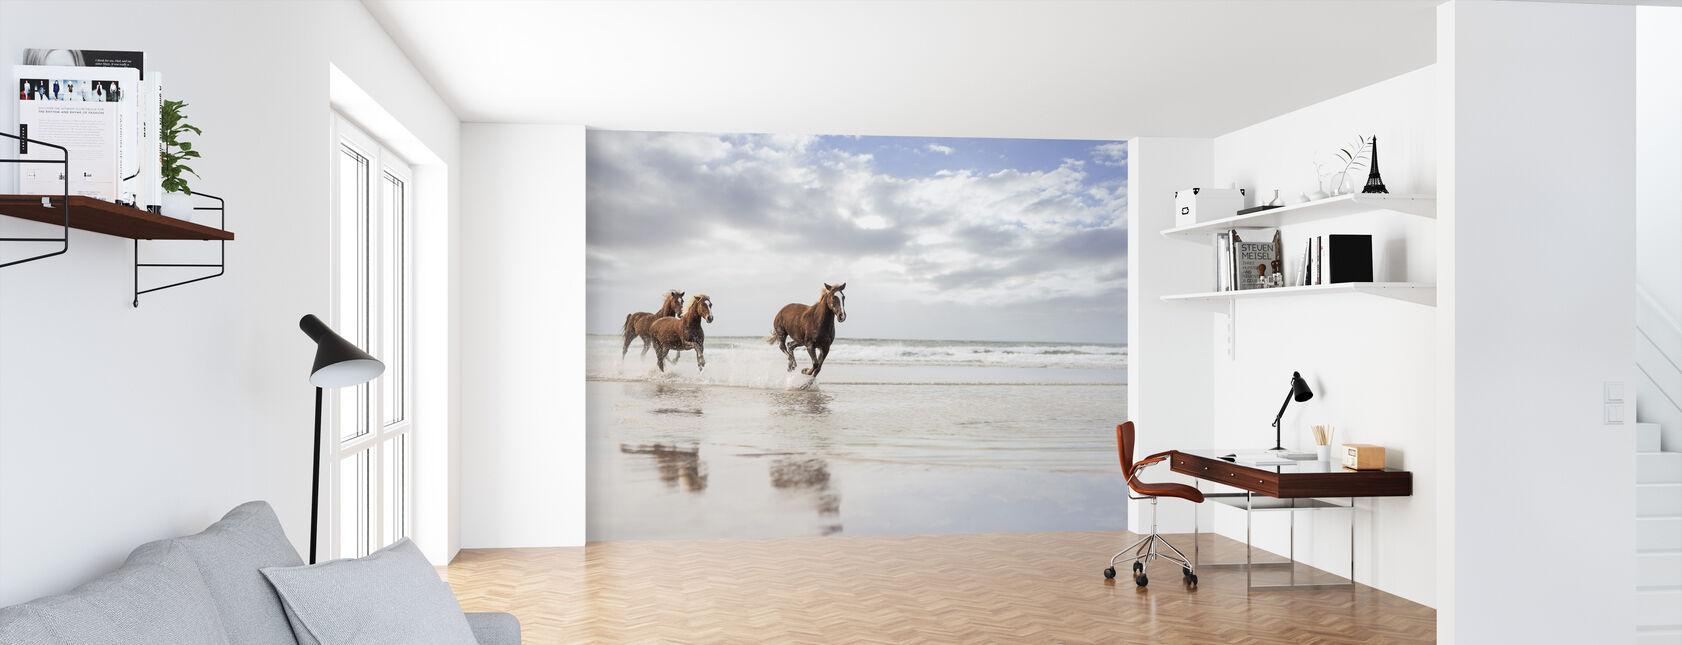 Paarden op Zuid-African Beach - Behang - Kantoor